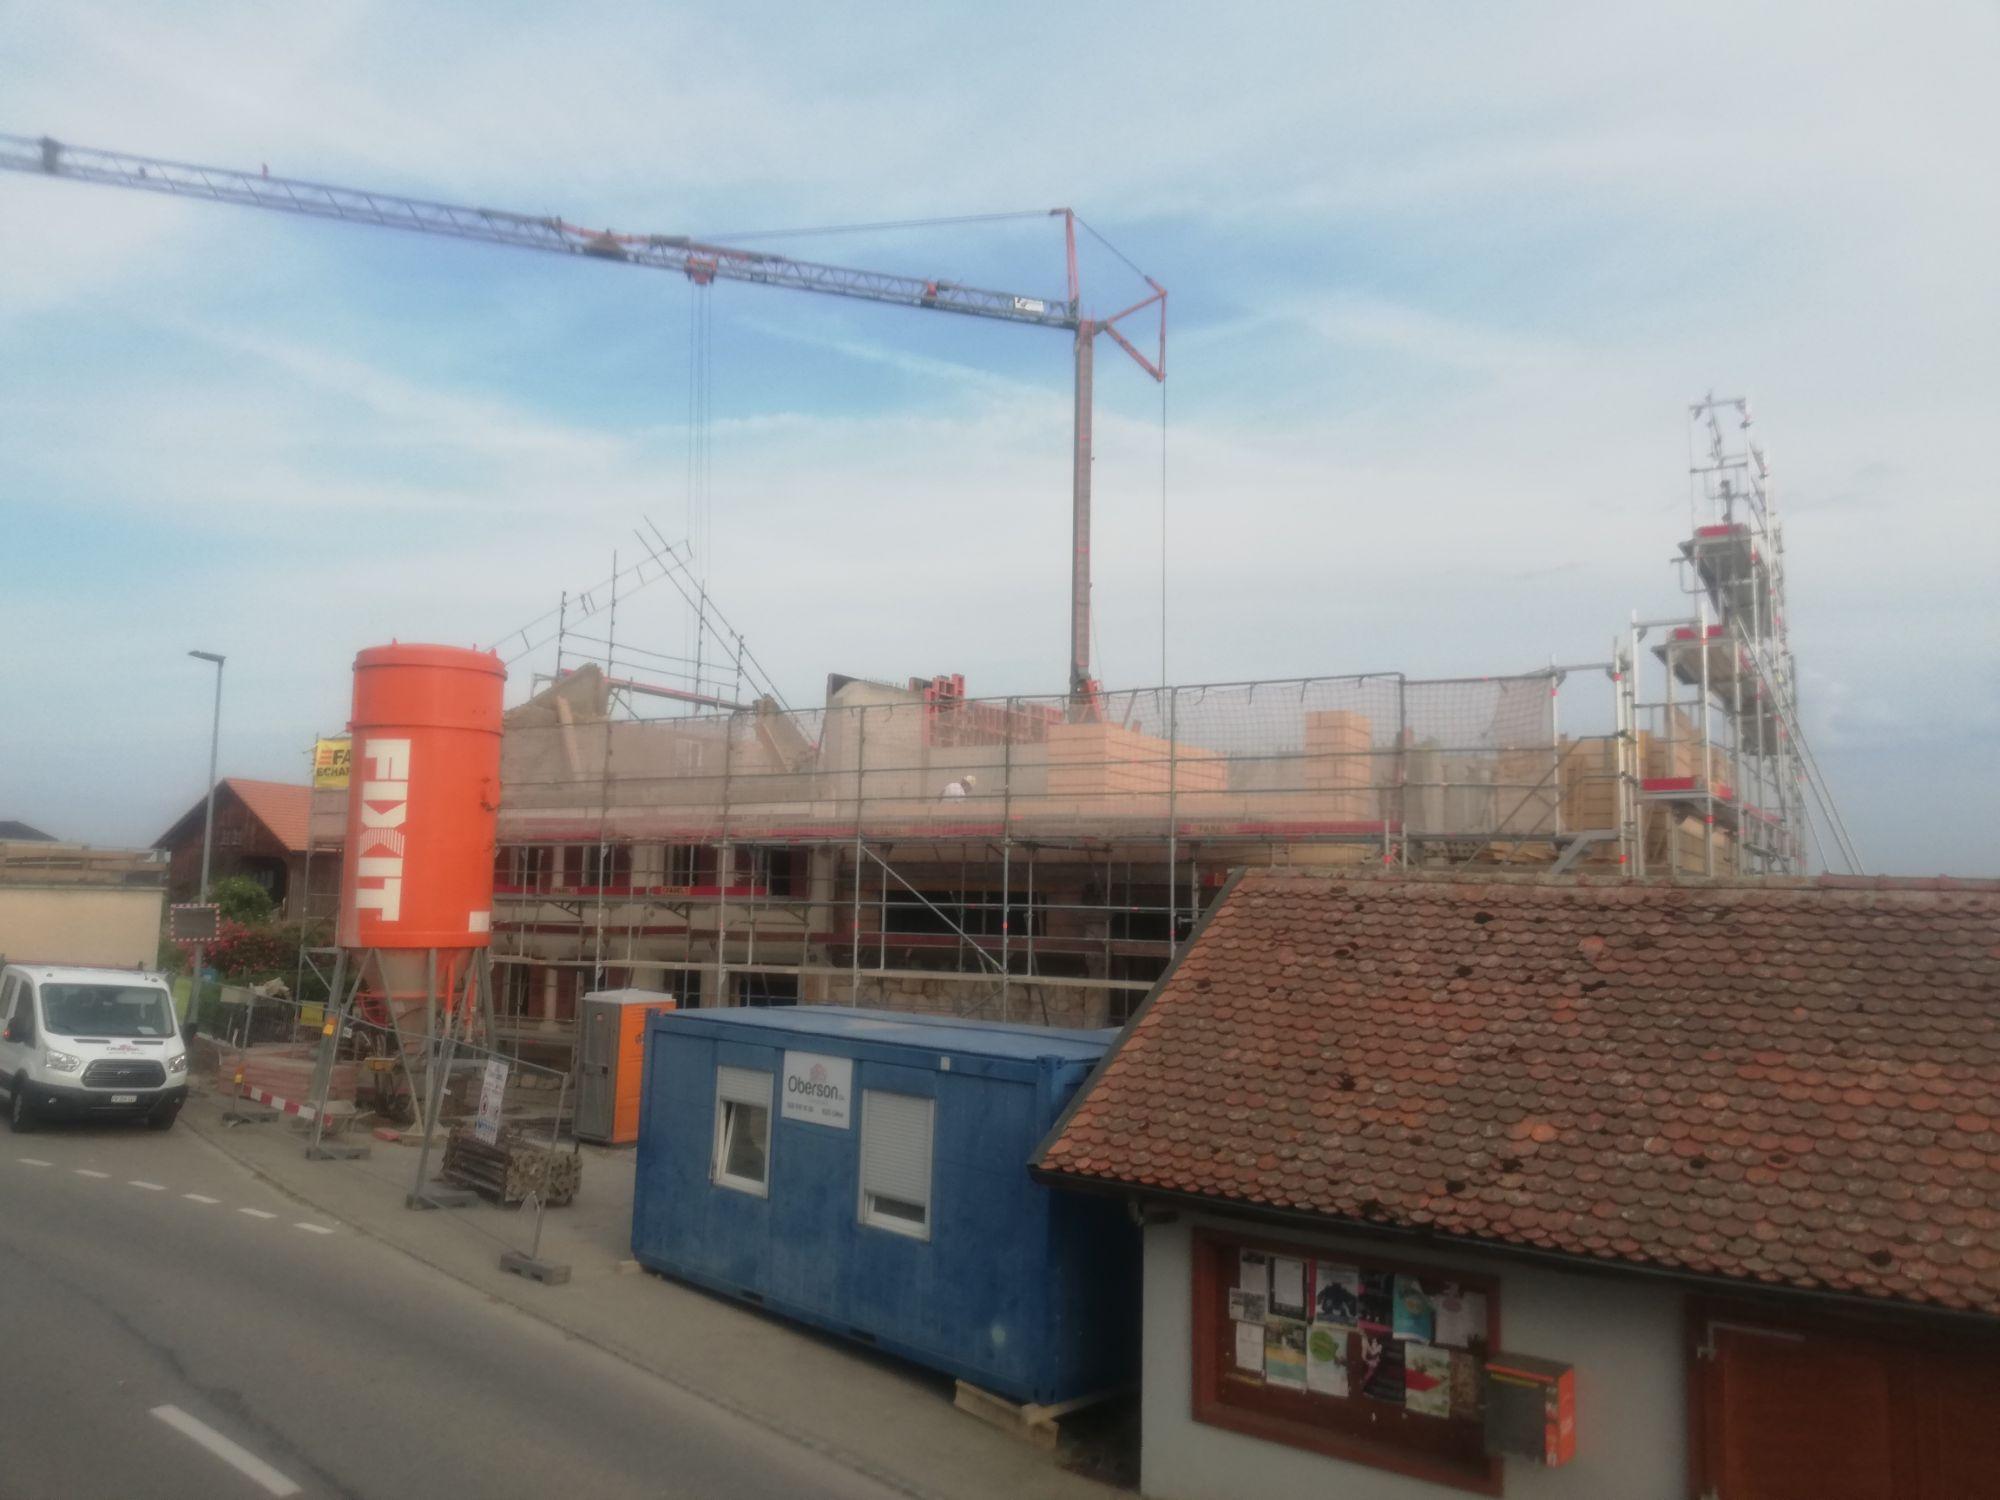 Villarimboud